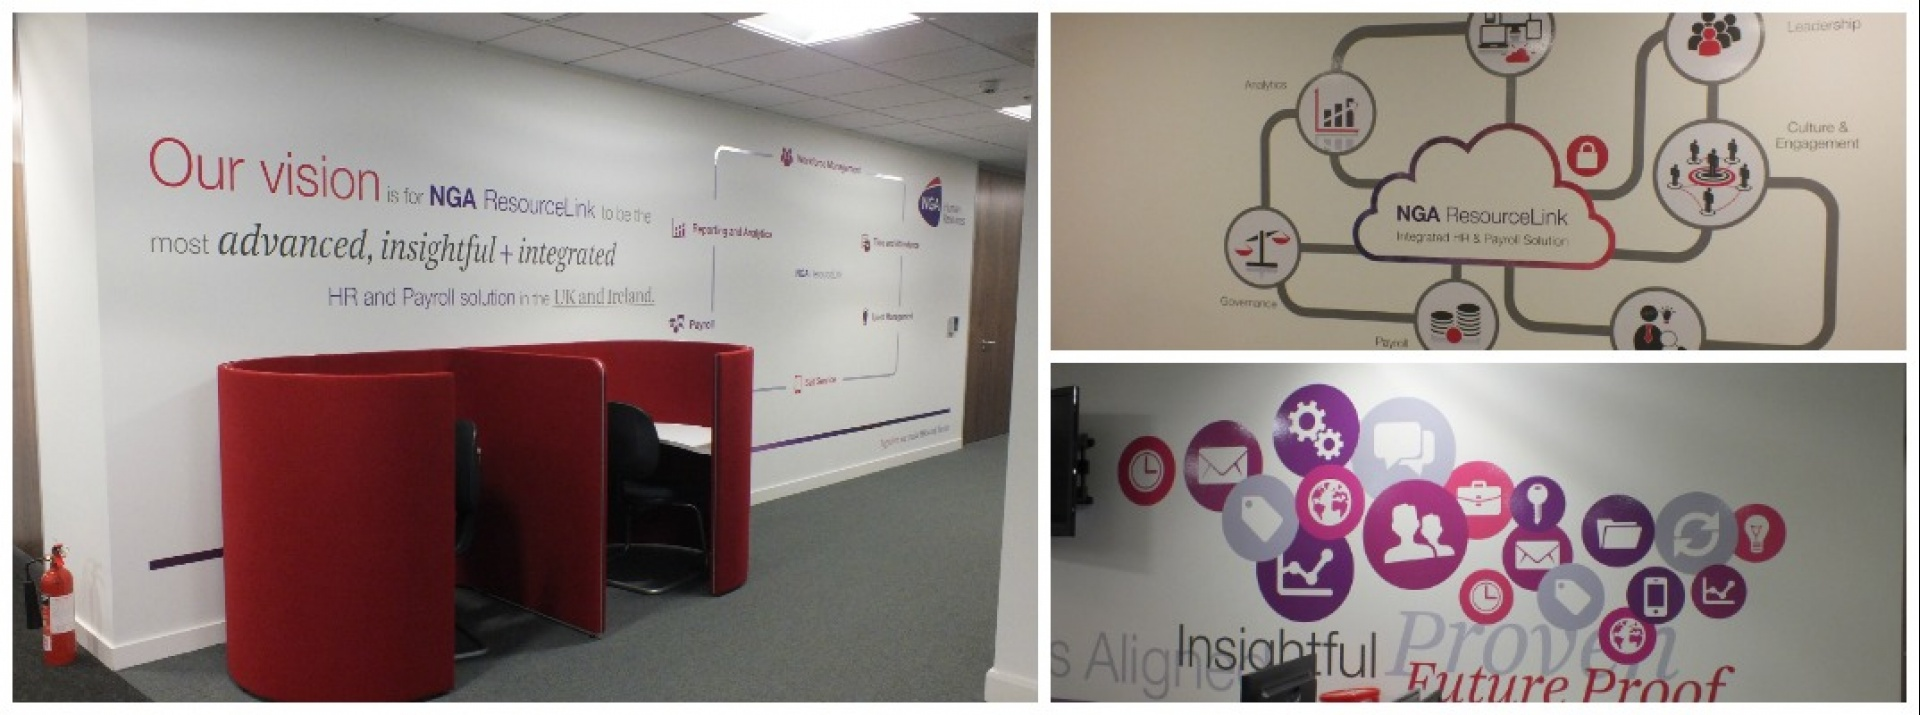 NGA HR wall display graphics